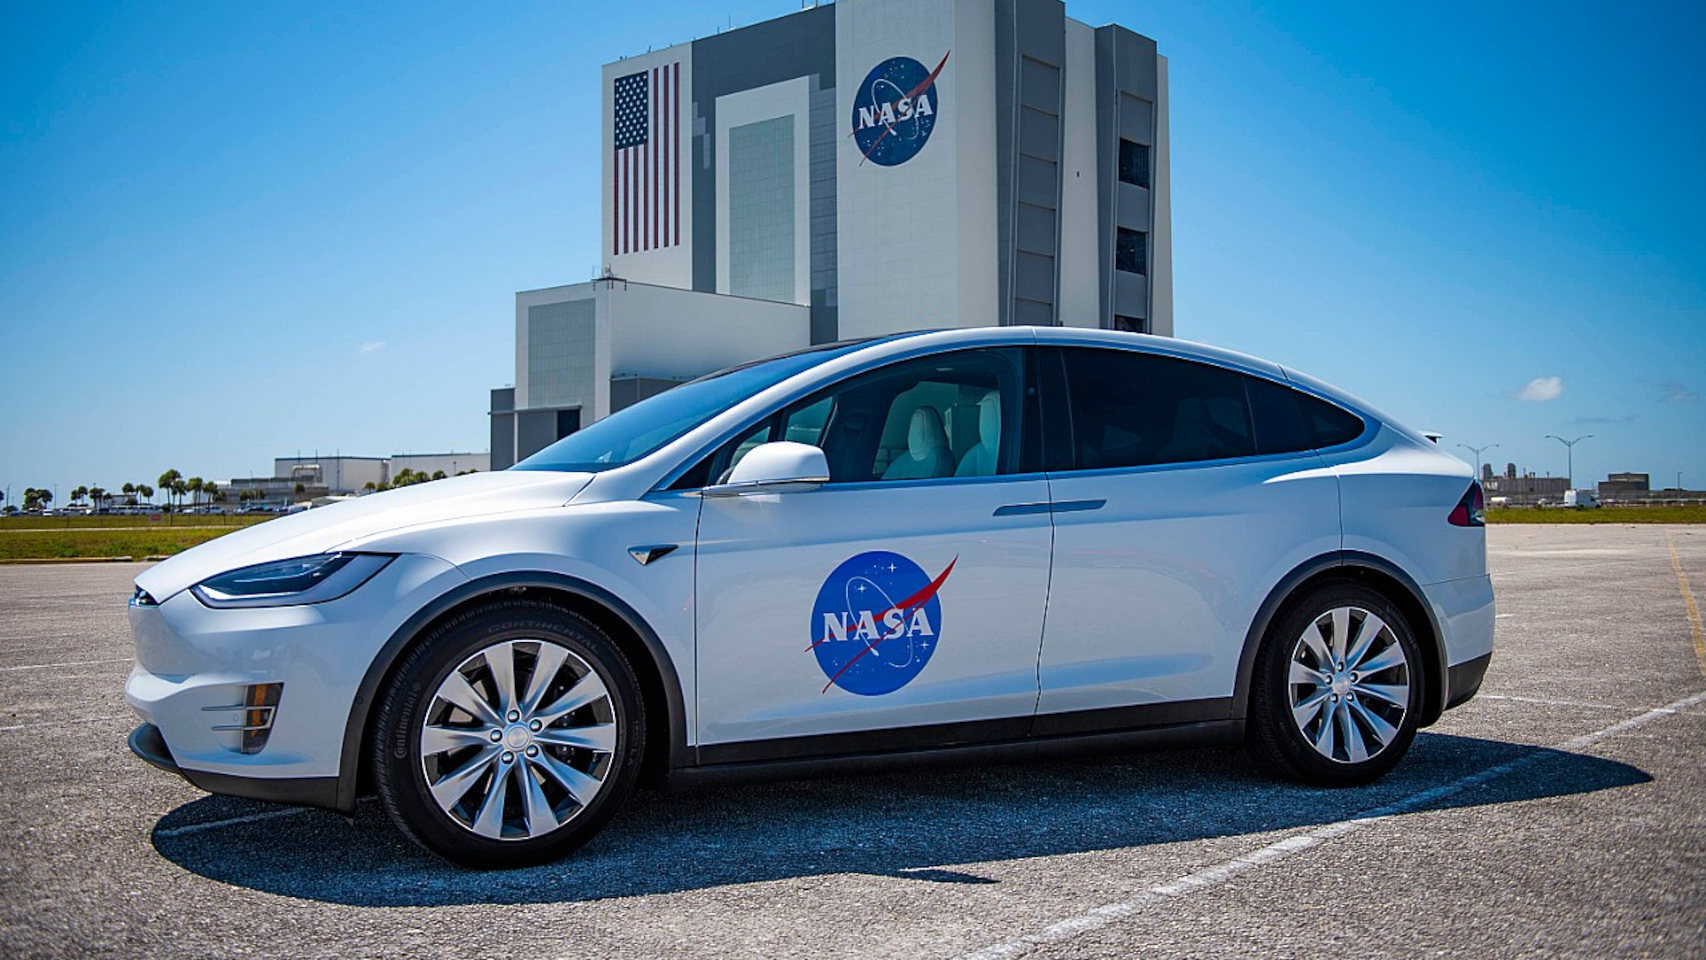 Este es el Tesla Model X que usarán los astronautas de la próxima misión de la NASA